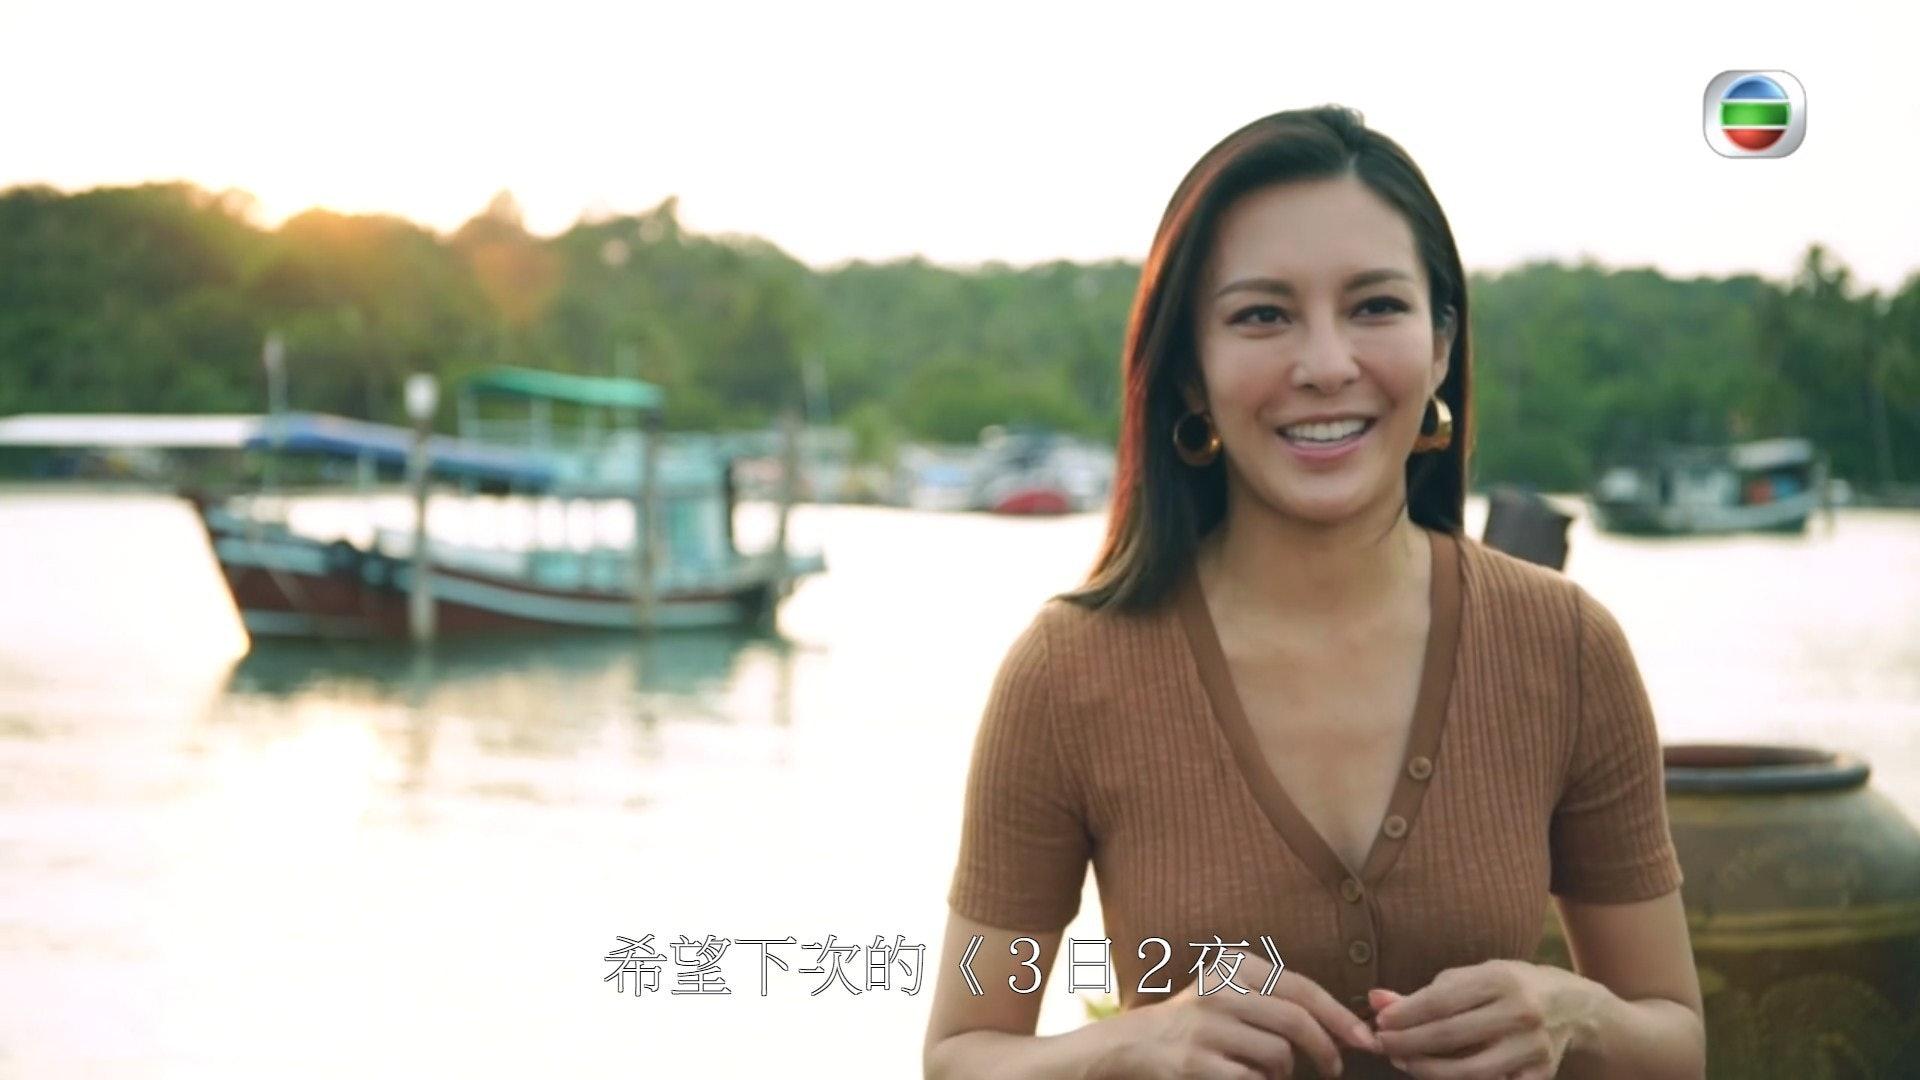 張曦雯說希望下次潛水可以看到鯨鯊,相信大家都想再看到她主持《3日2夜》。(電視截圖)